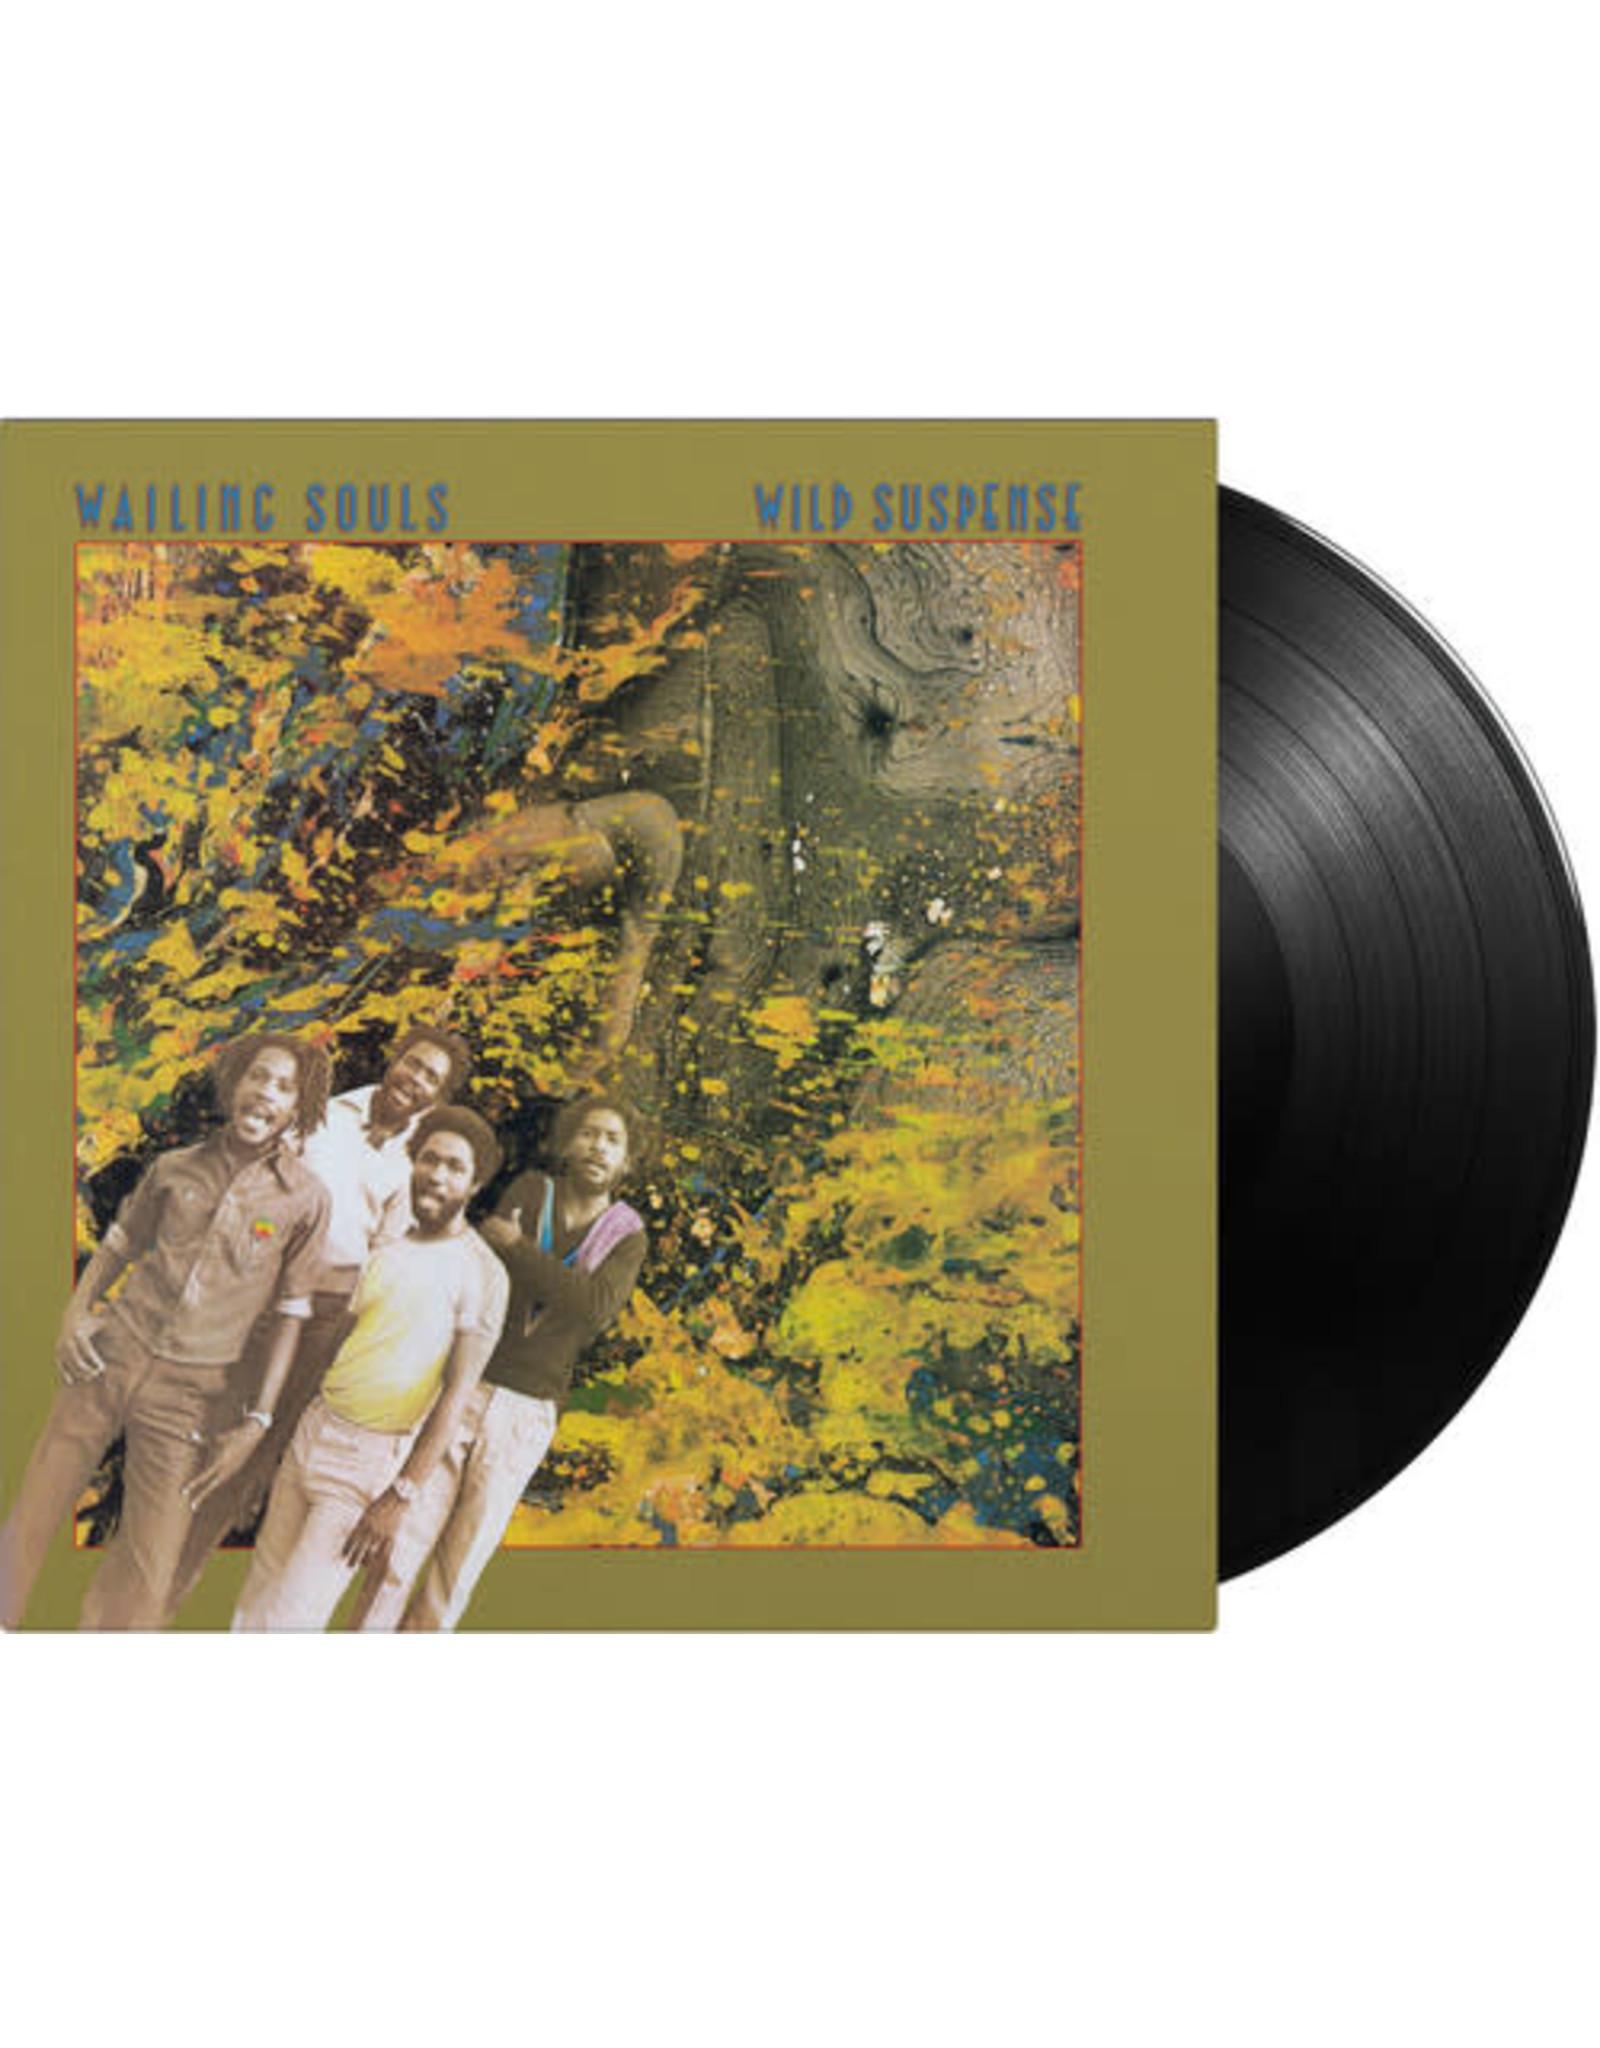 New Vinyl Wailing Souls - Wild Suspense [EU Import] LP